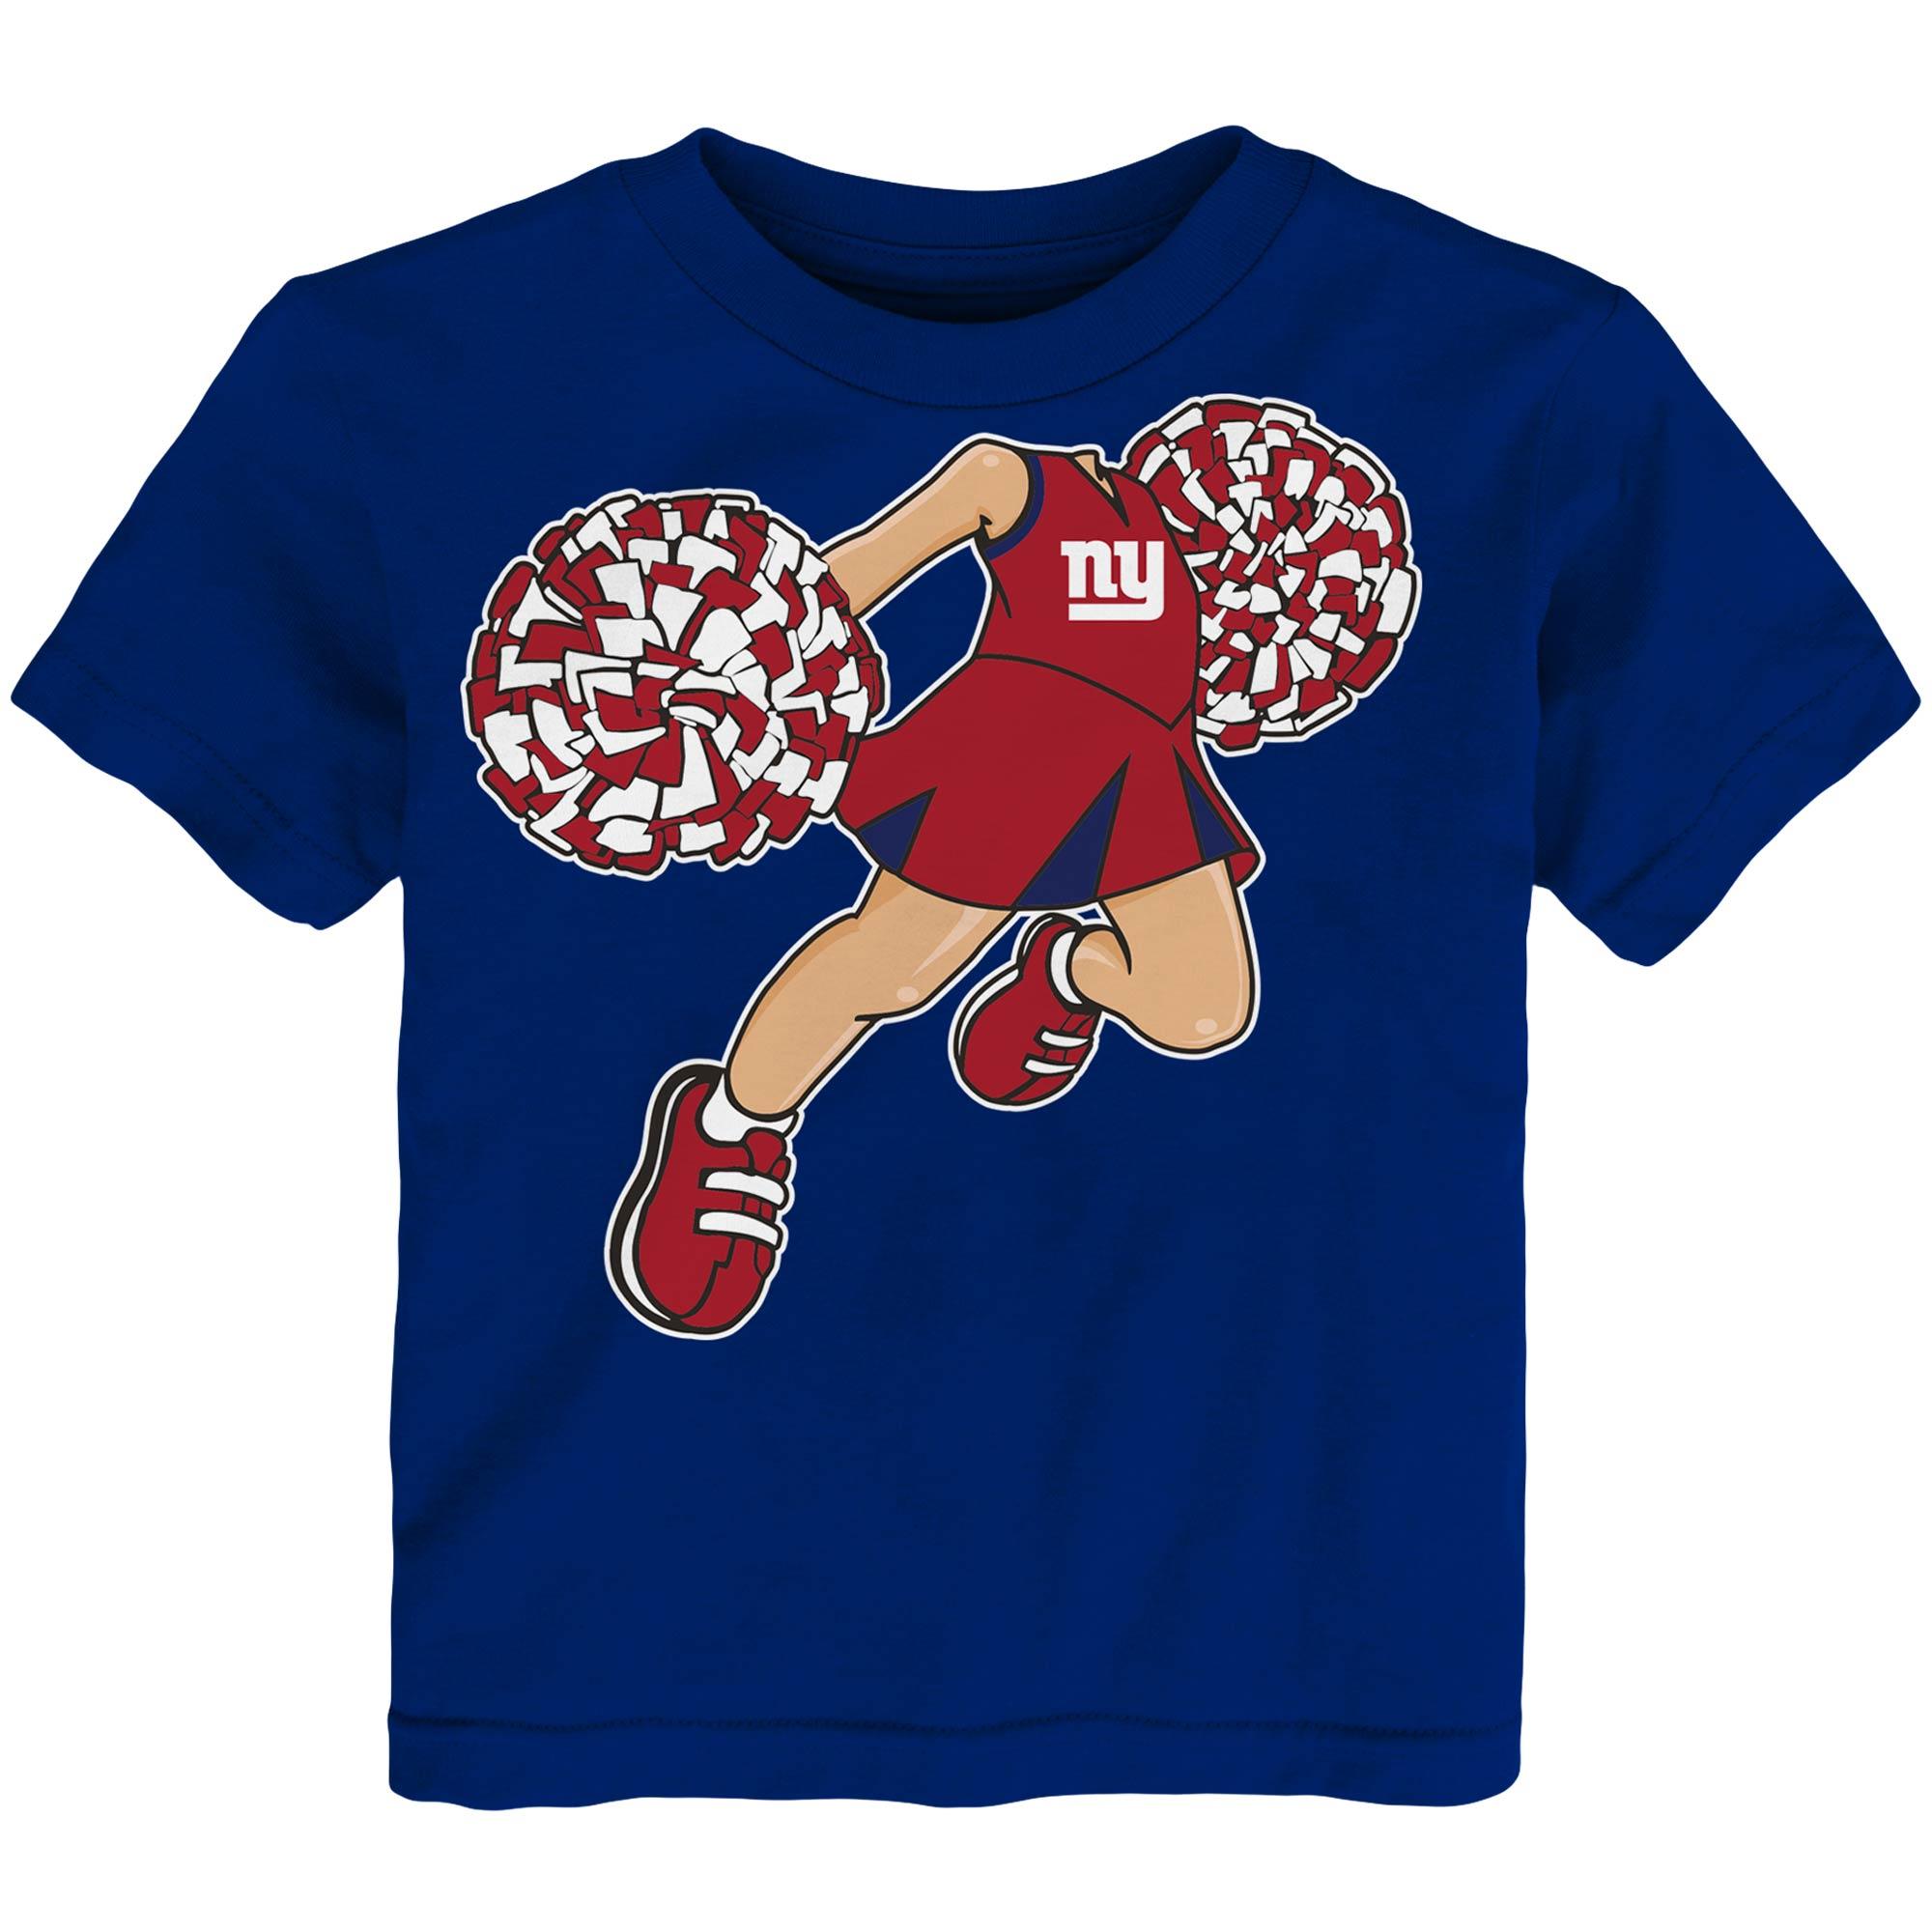 New York Giants Girls Toddler Pom Pom Cheer T-Shirt - Royal